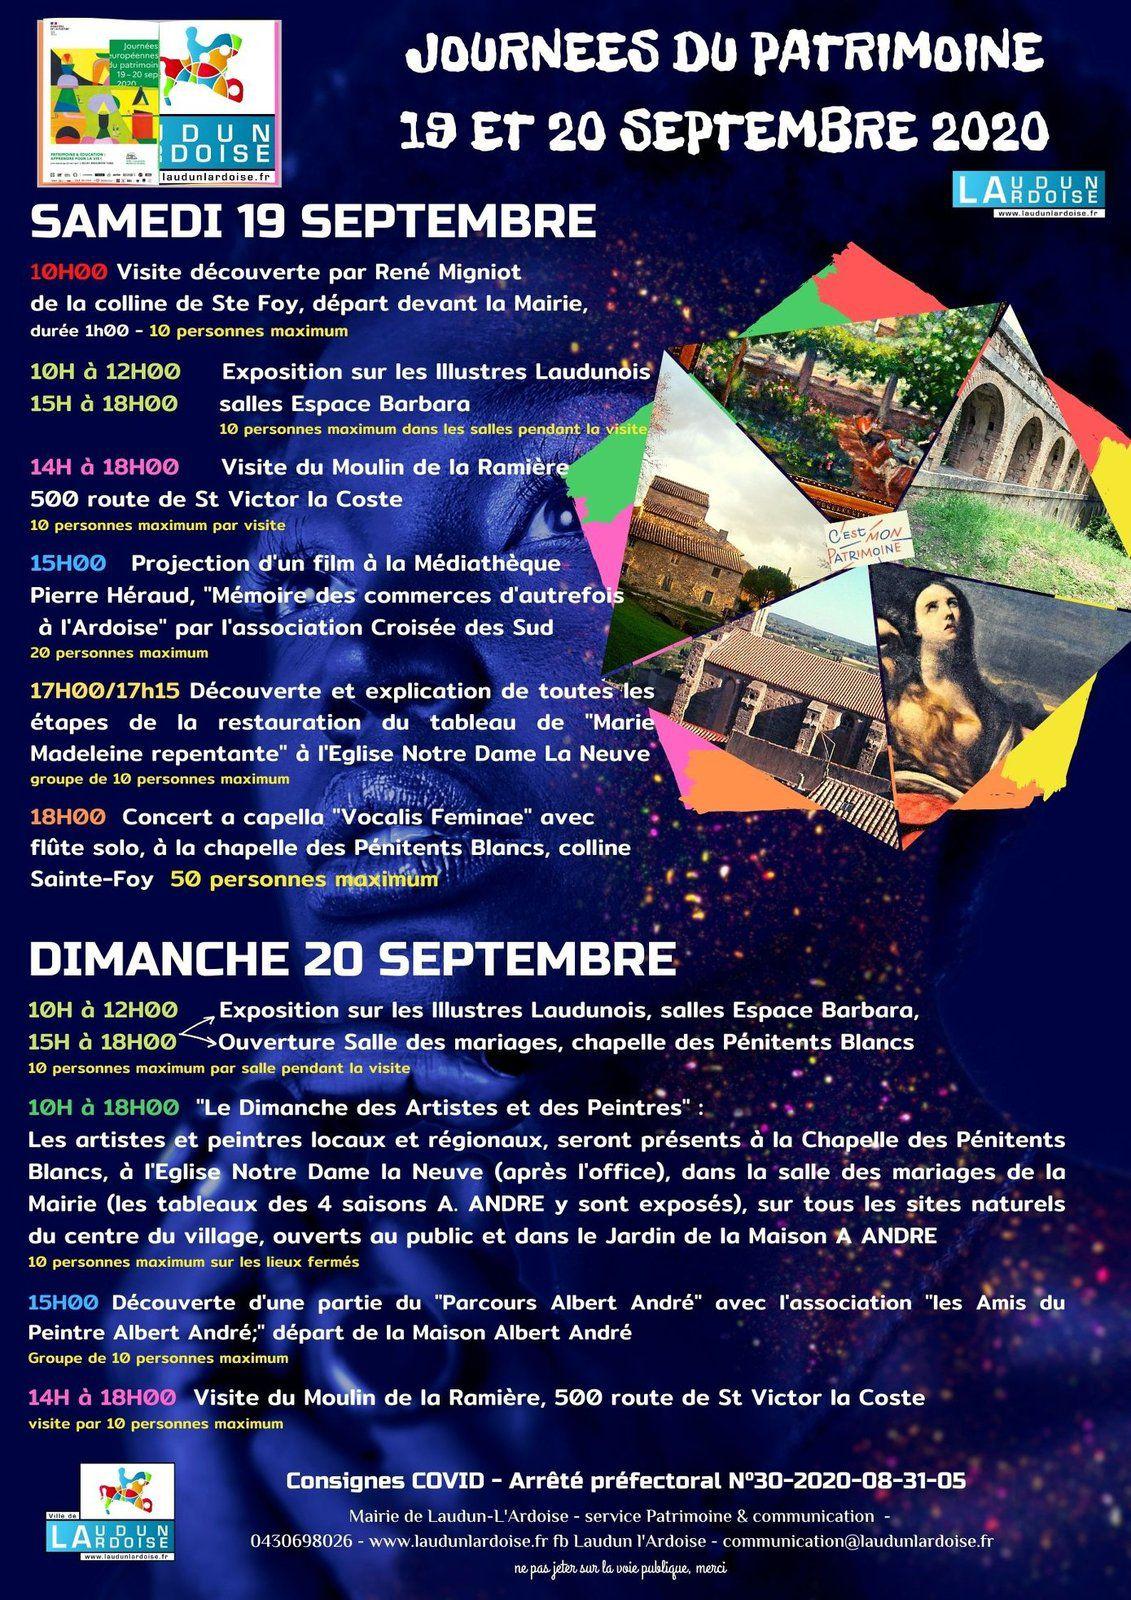 Les programme des journées du patrimoine à Laudun-l'Ardoise